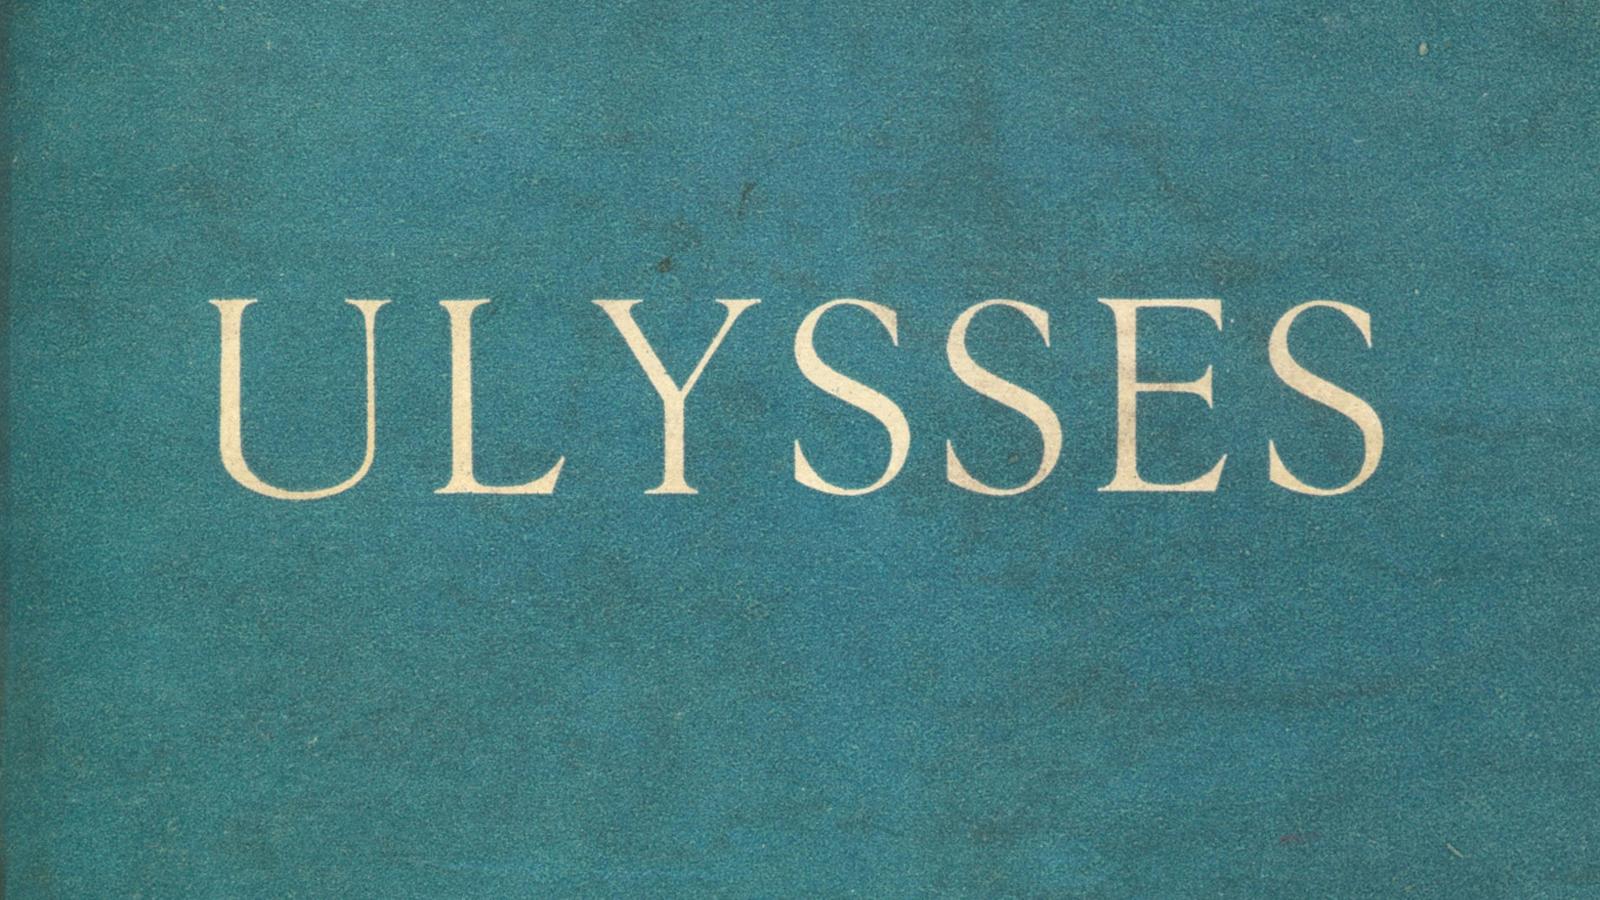 Obscenity in Ulysses